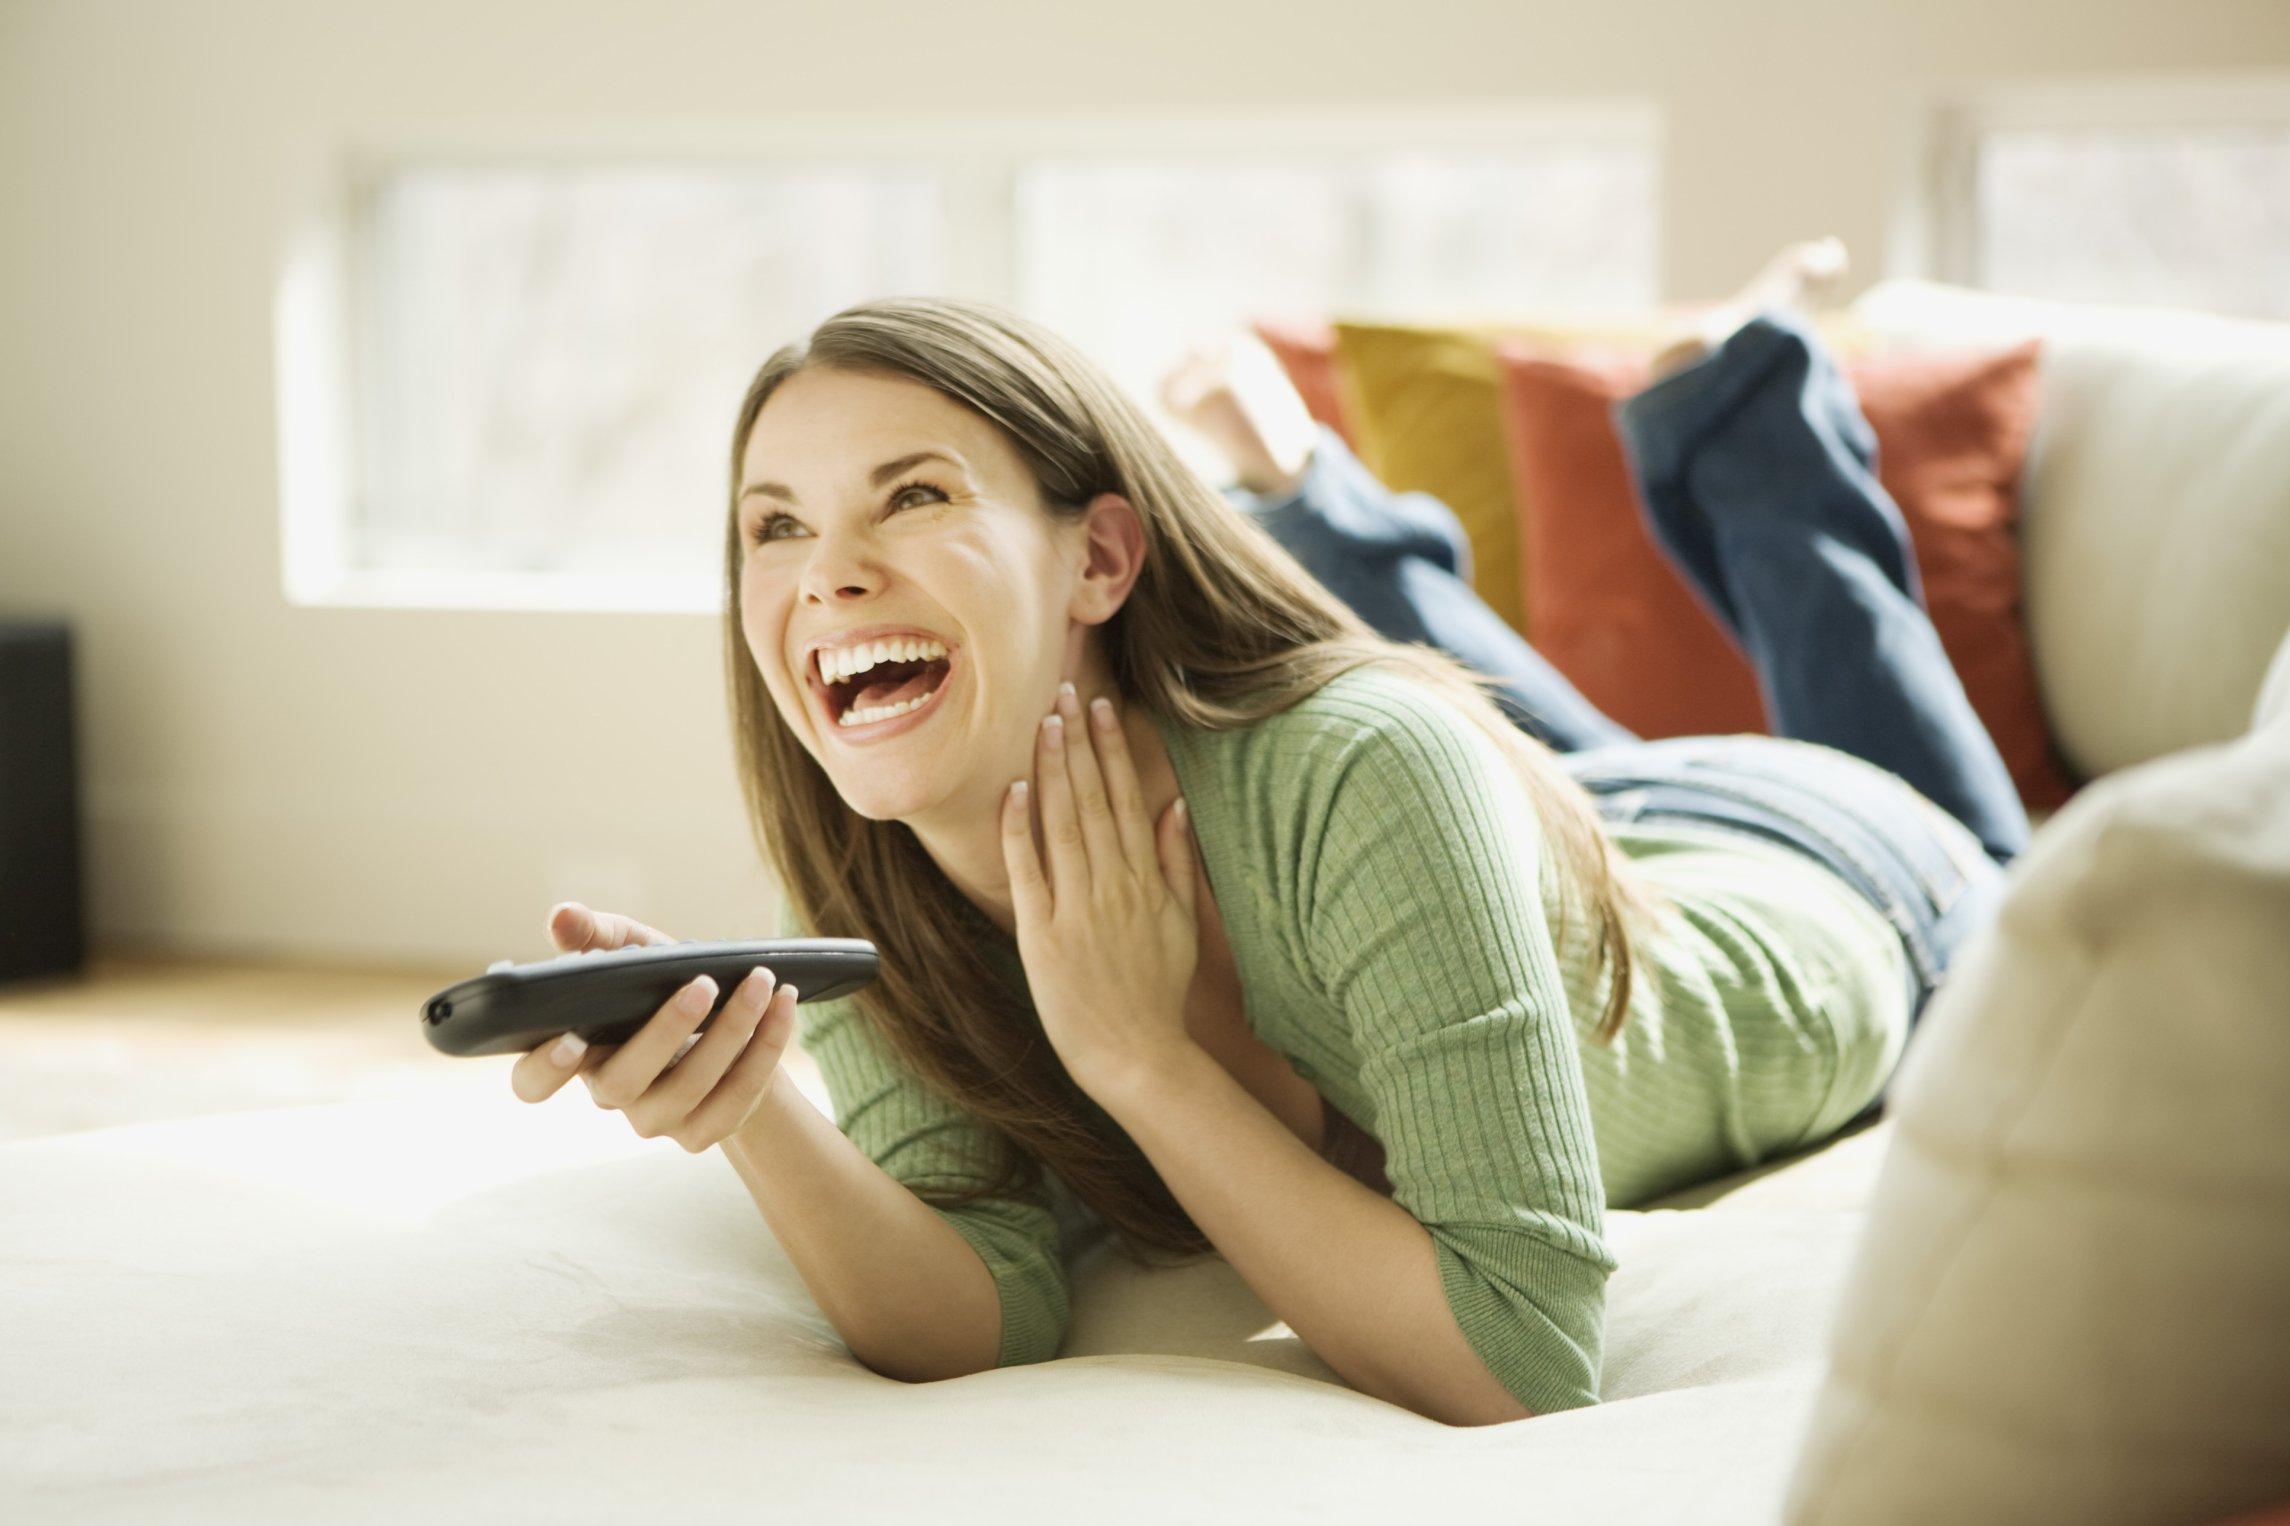 Comedy content verhoogt betrokkenheid bij TV-commercials